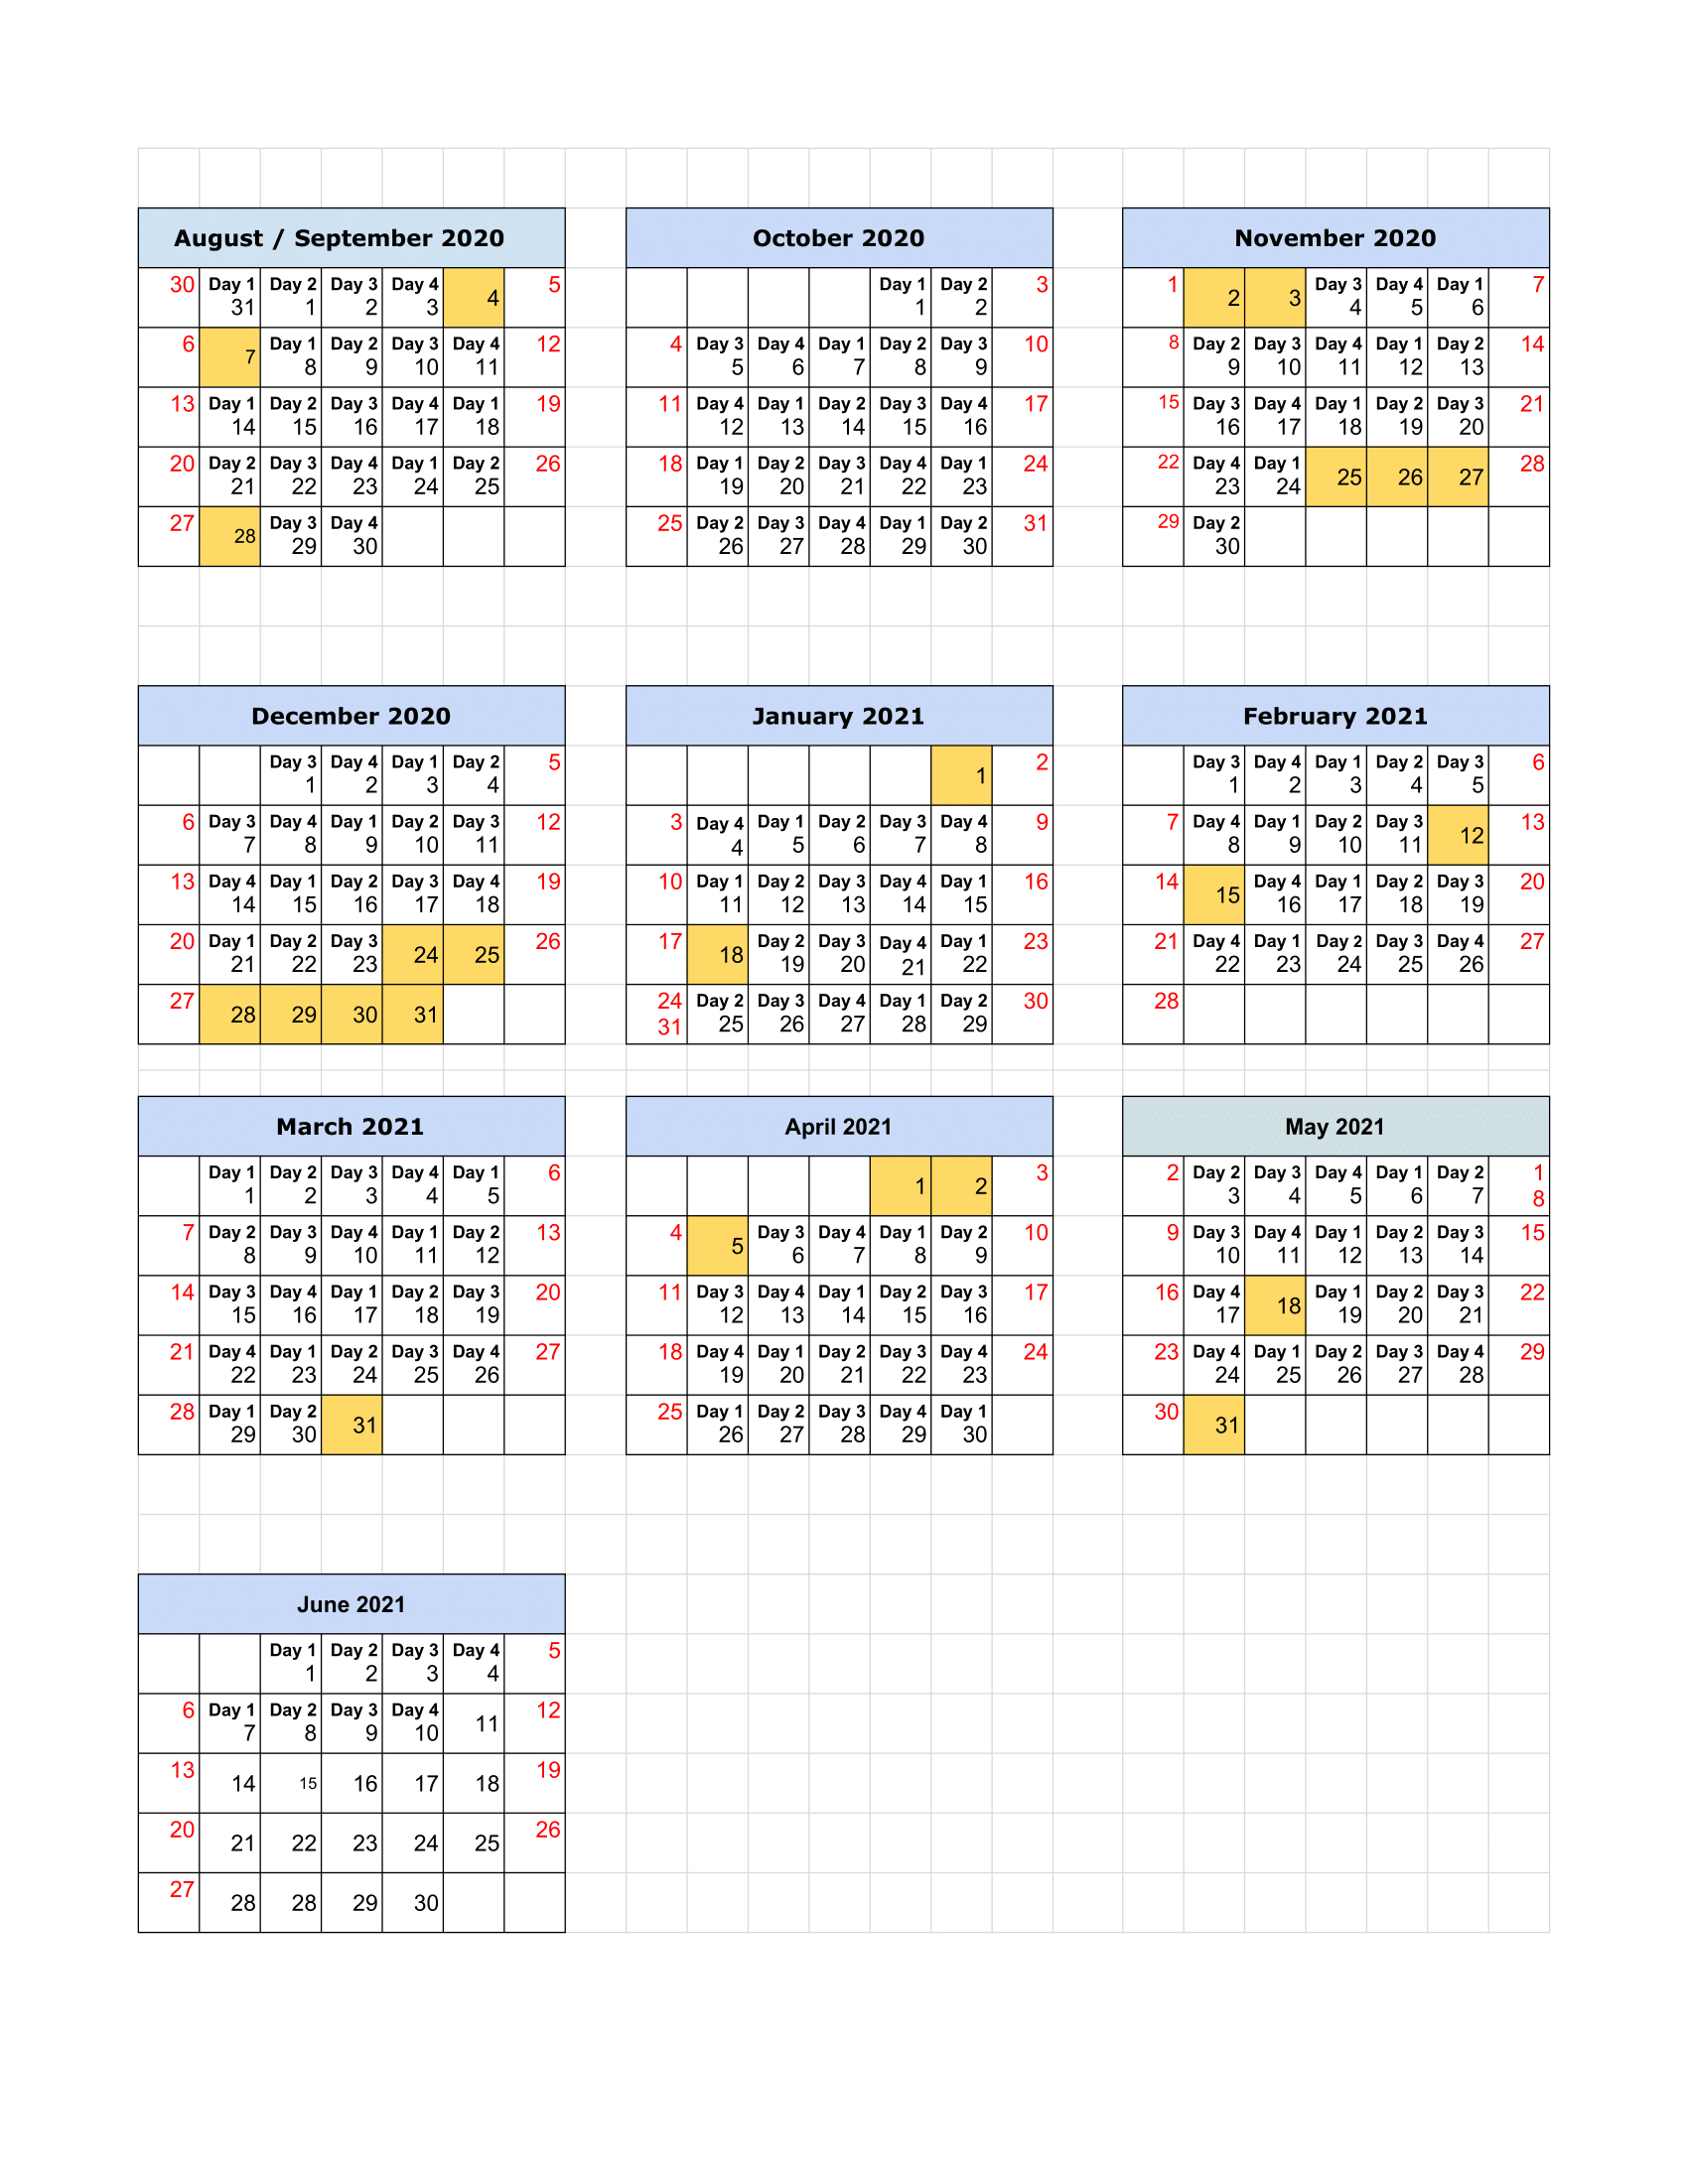 13 Period Calendar 2021 : 2021 Fiscal Period Calendar 4 4